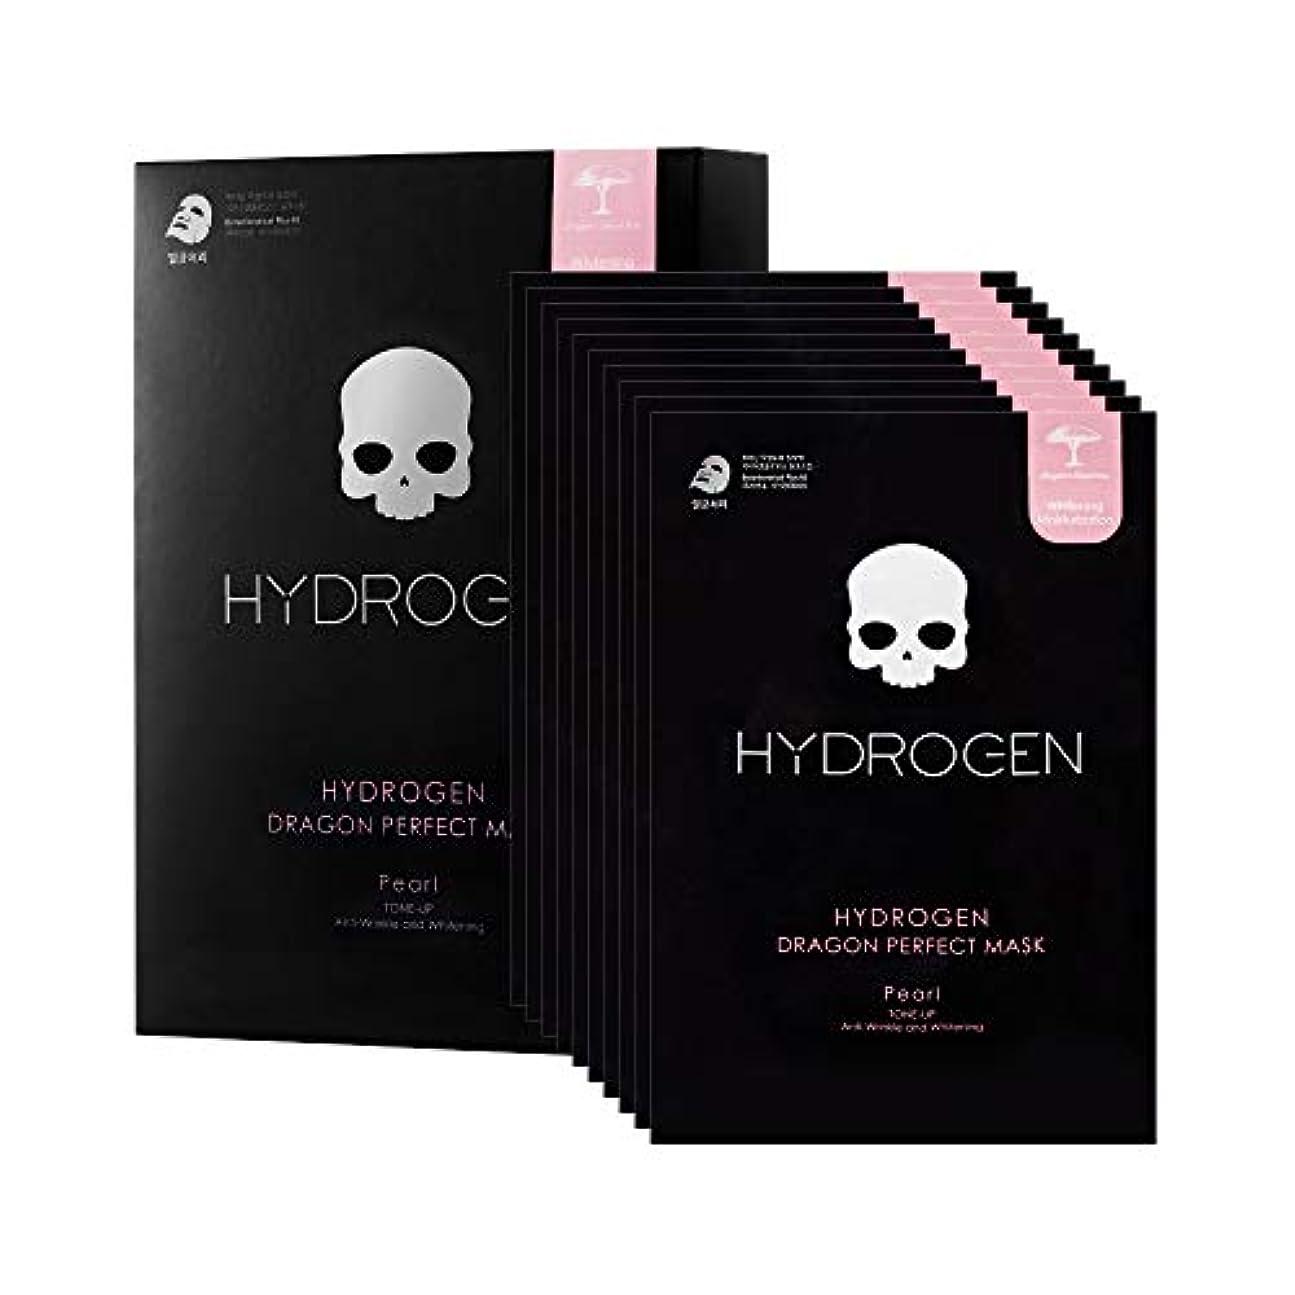 トリプル静かに頼む【HYDROGEN】ハイドロゲンドラゴンパーフェクトマスク HYDROGEN DRAGON PERFECT MASK [10枚入り]